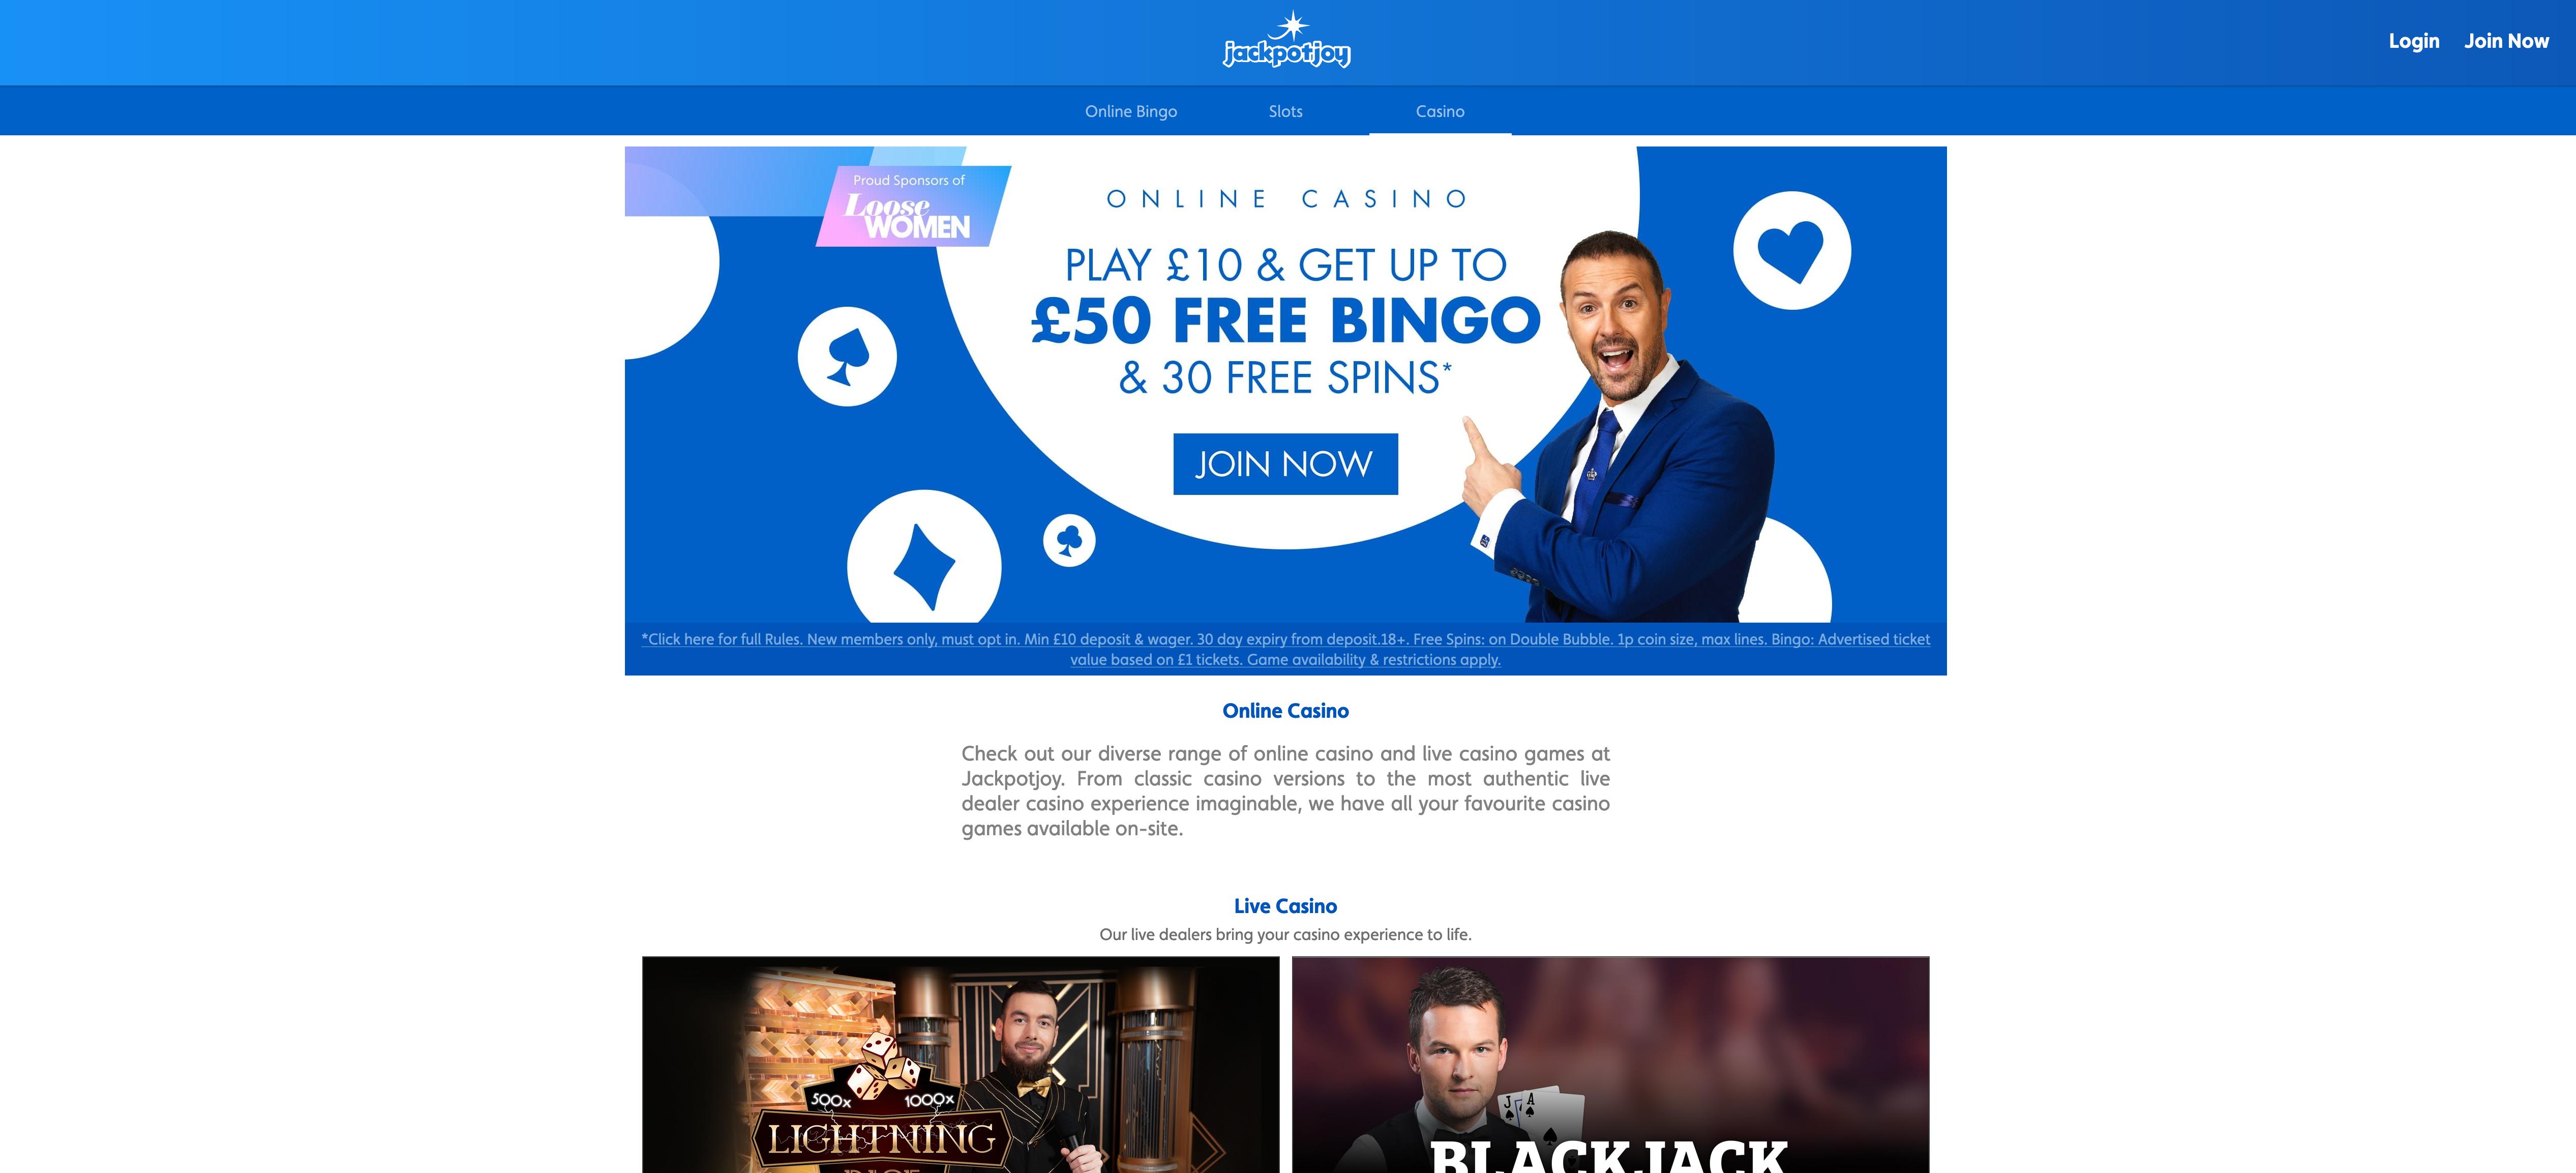 Jackpot Joy Offer